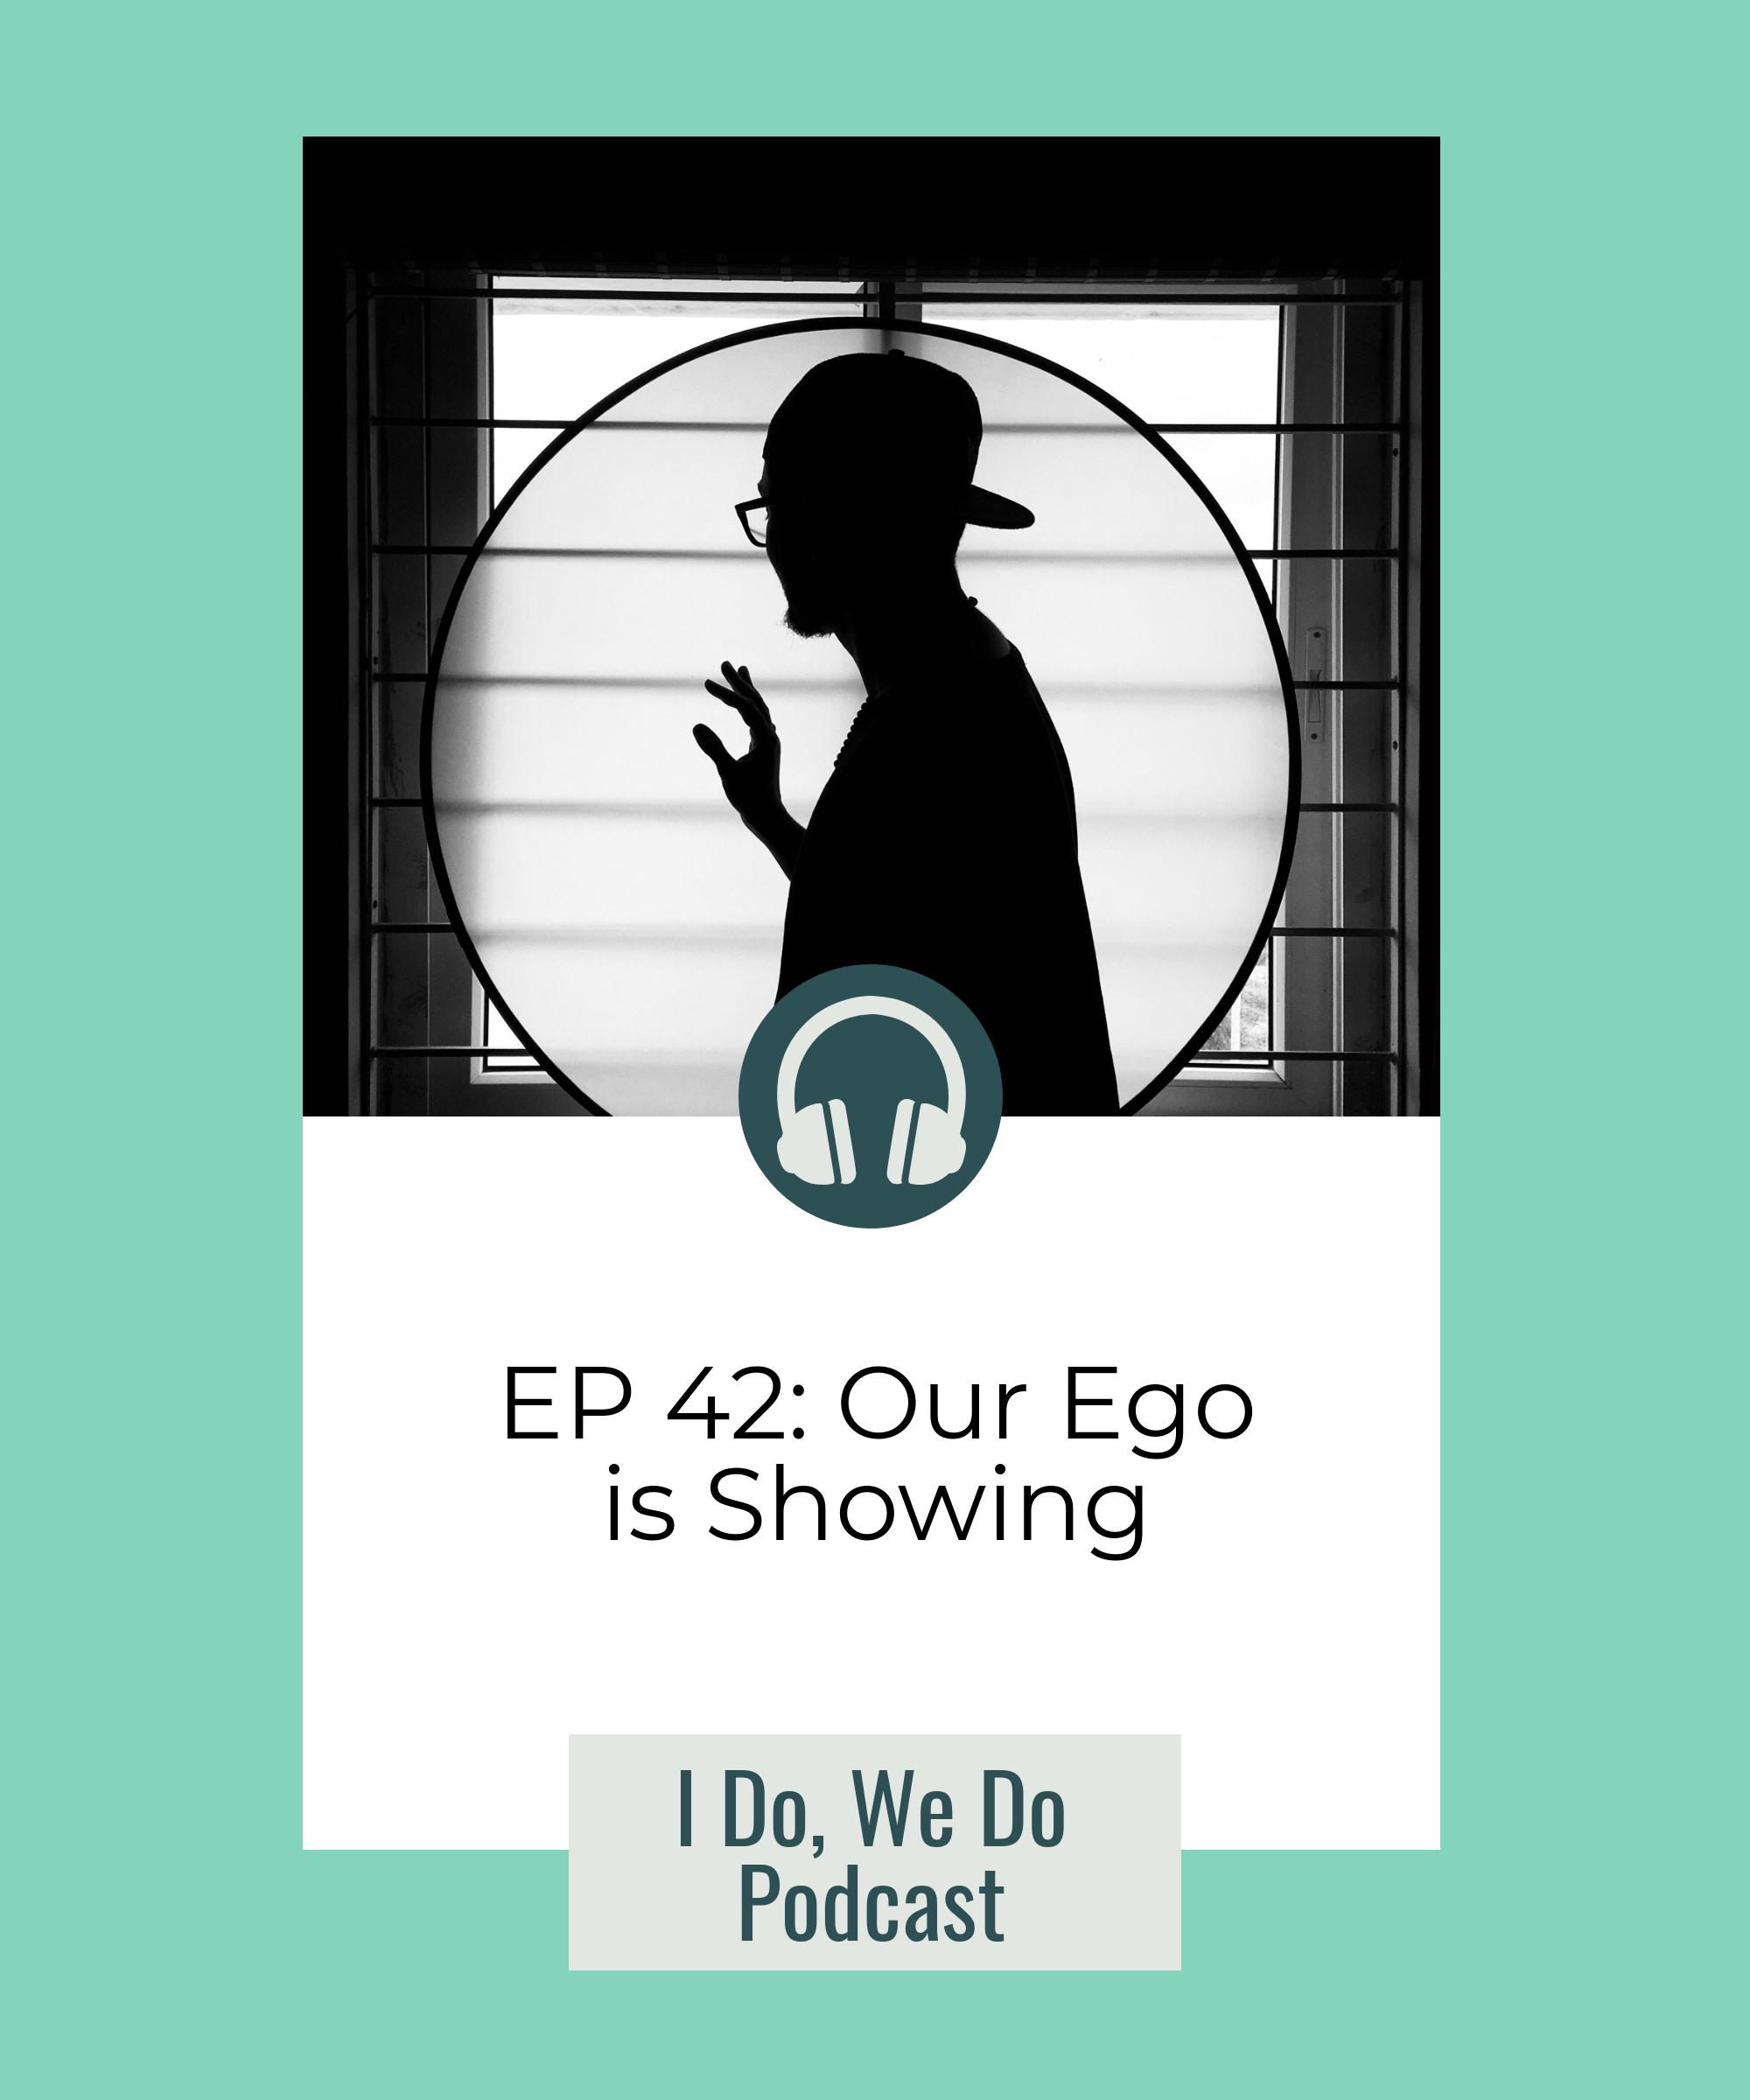 EP 42 - Ego